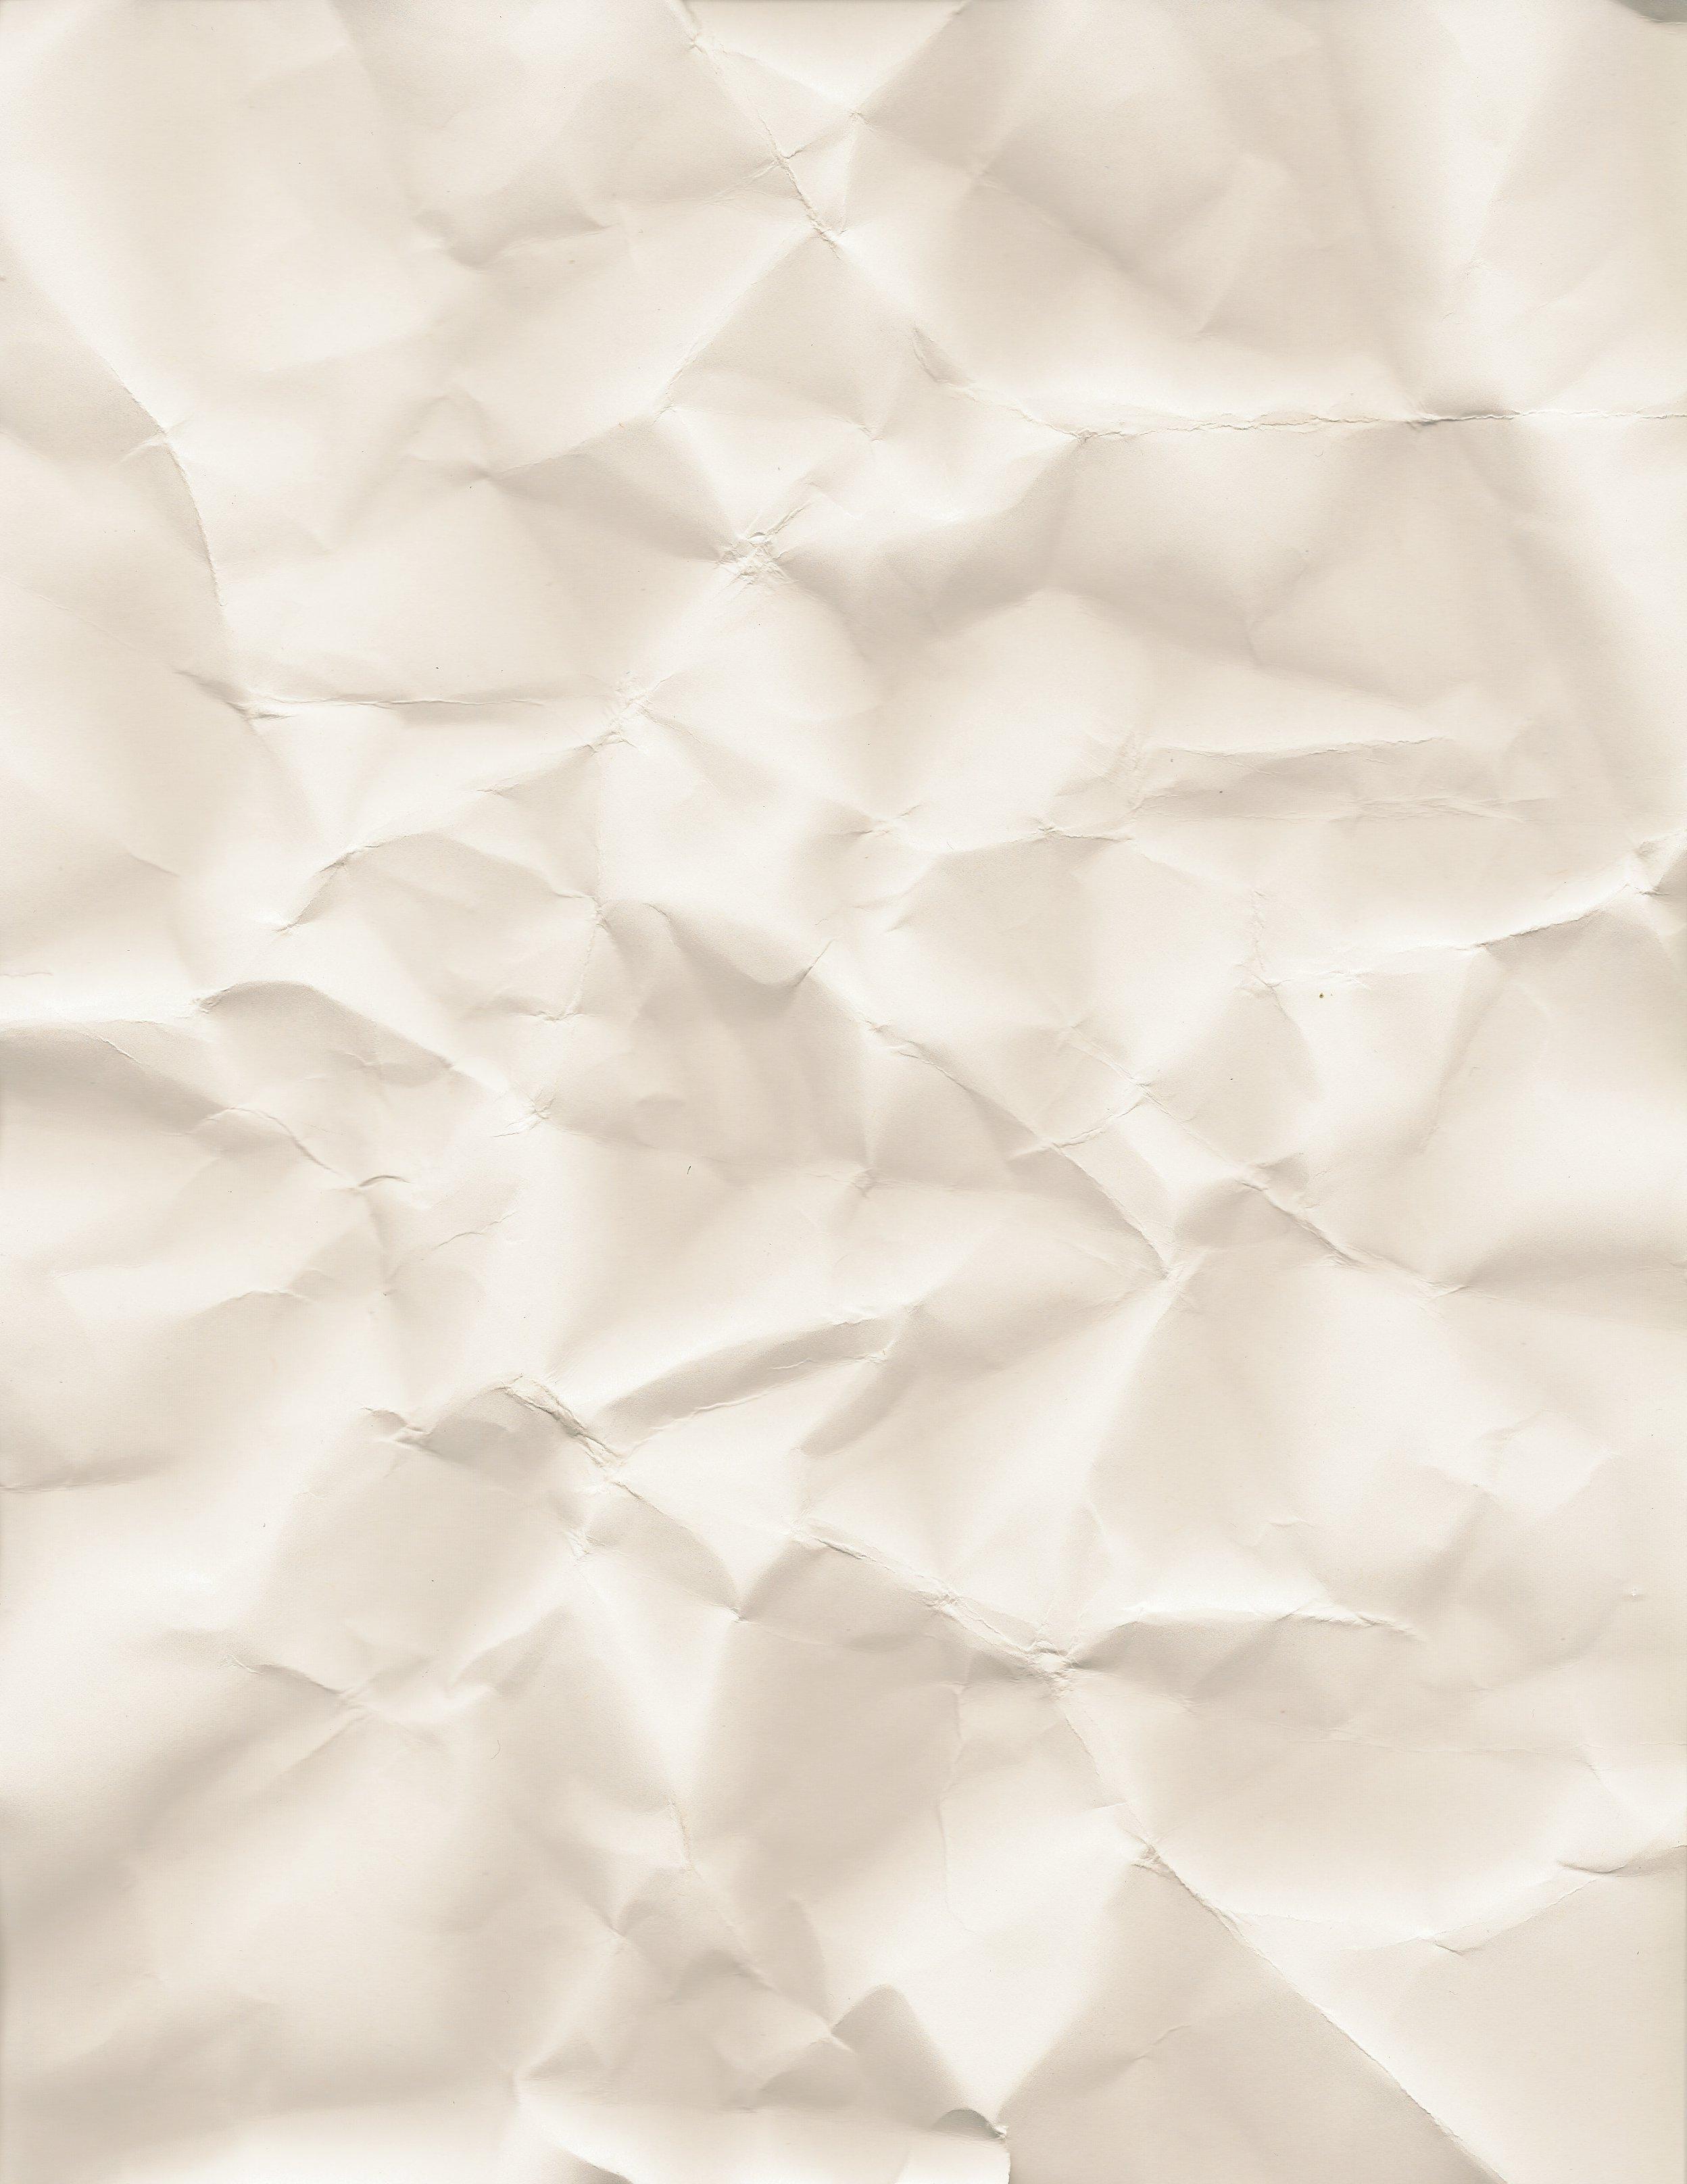 Crumpled Paper Texture hi-res